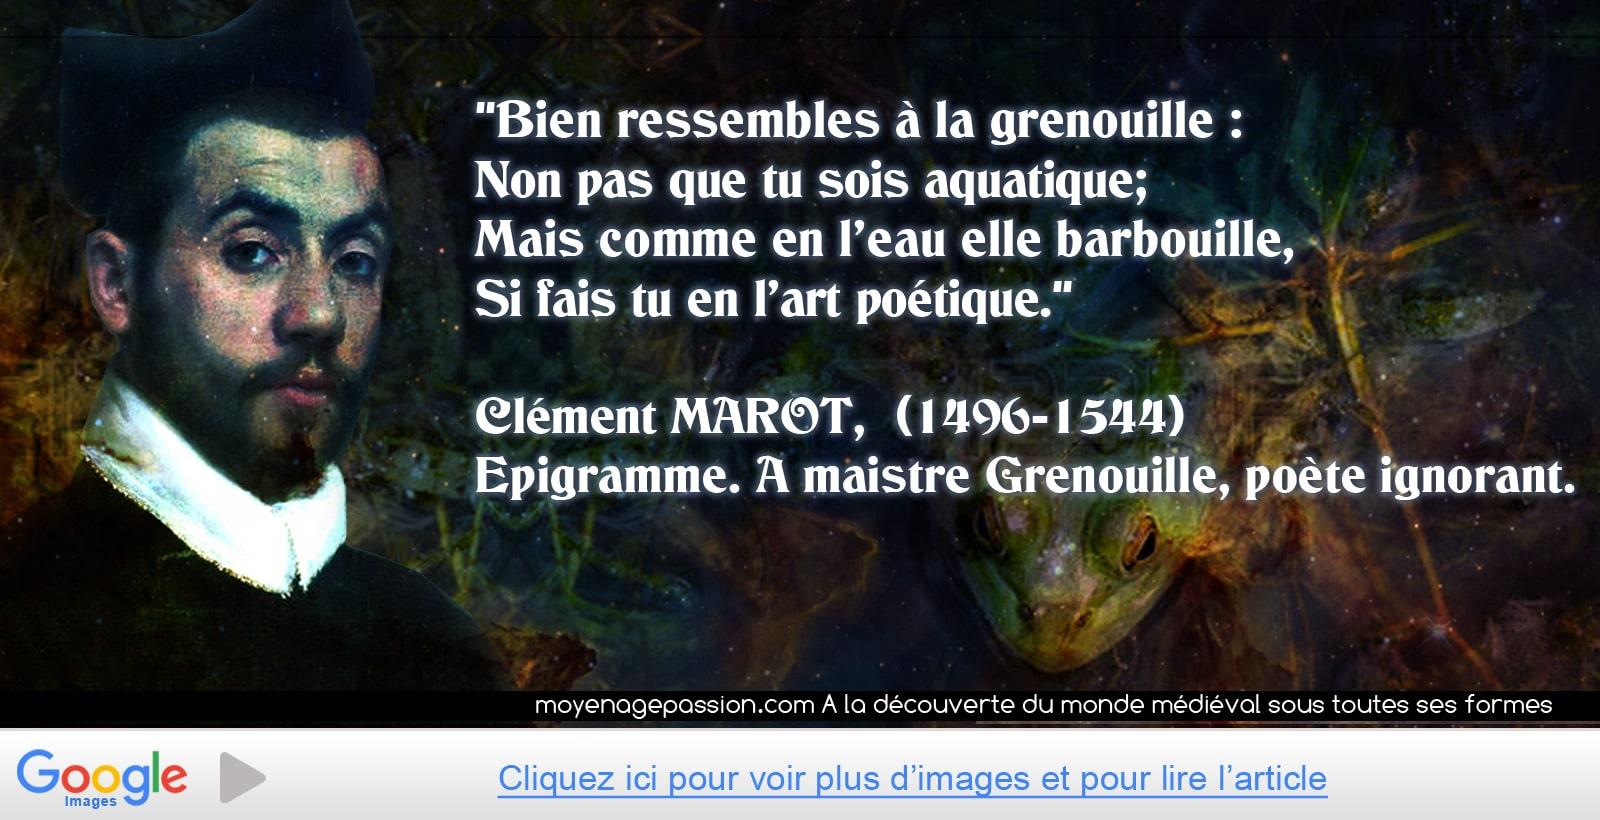 citation_medievale_epigrammes_poesie_moyen-age_tardif_debut_renaissance_humour_Clement_Marot_Maistre_Grenouille